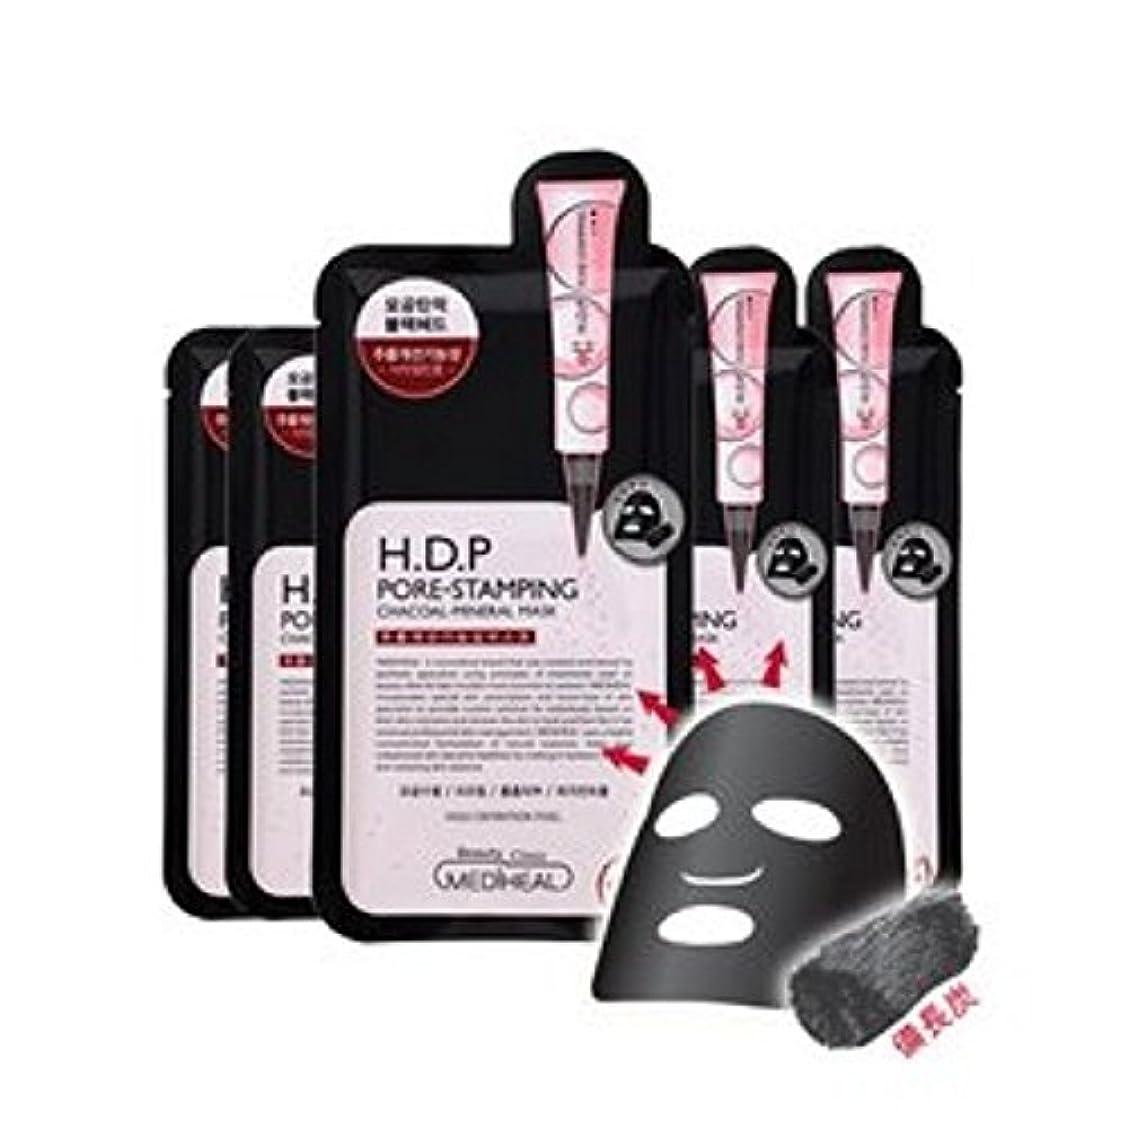 生じる陰謀代表団メディヒール(Mediheal) H.D.P 毛穴スタンプ炭ミネラルマスク Pore stamping Charcoal mineral mask (10枚) [海外直送品][並行輸入品]